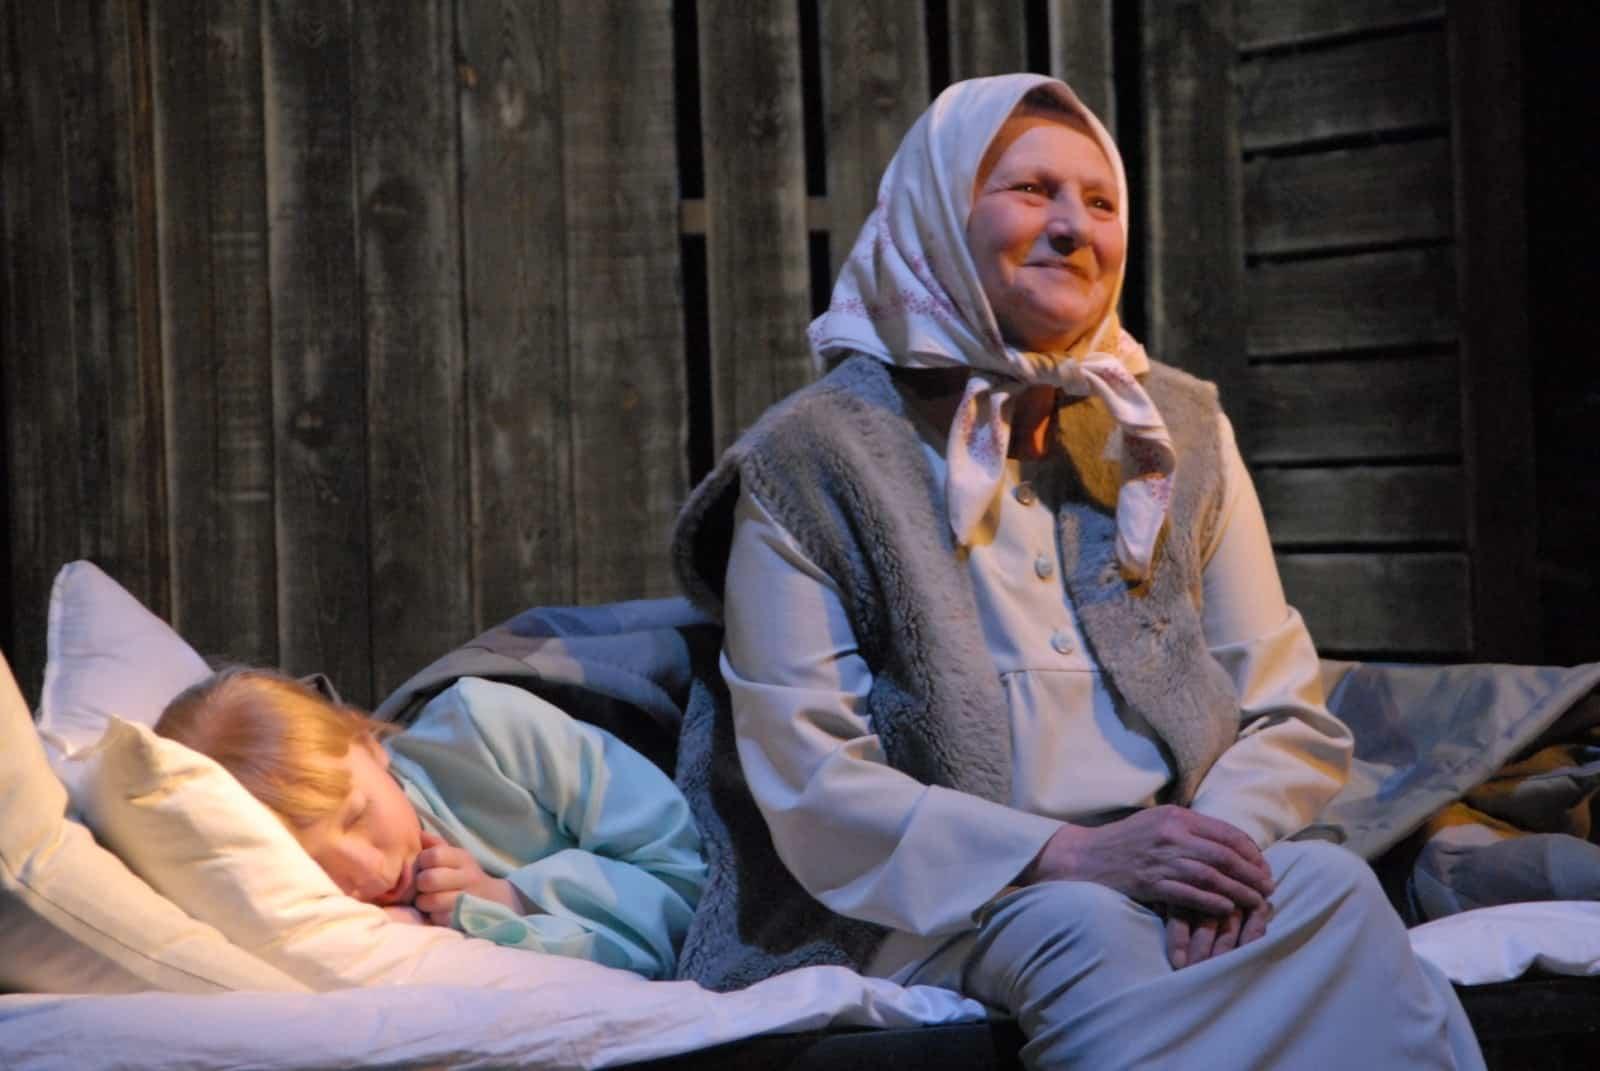 К чему снится умершая бабушка как живая сонник